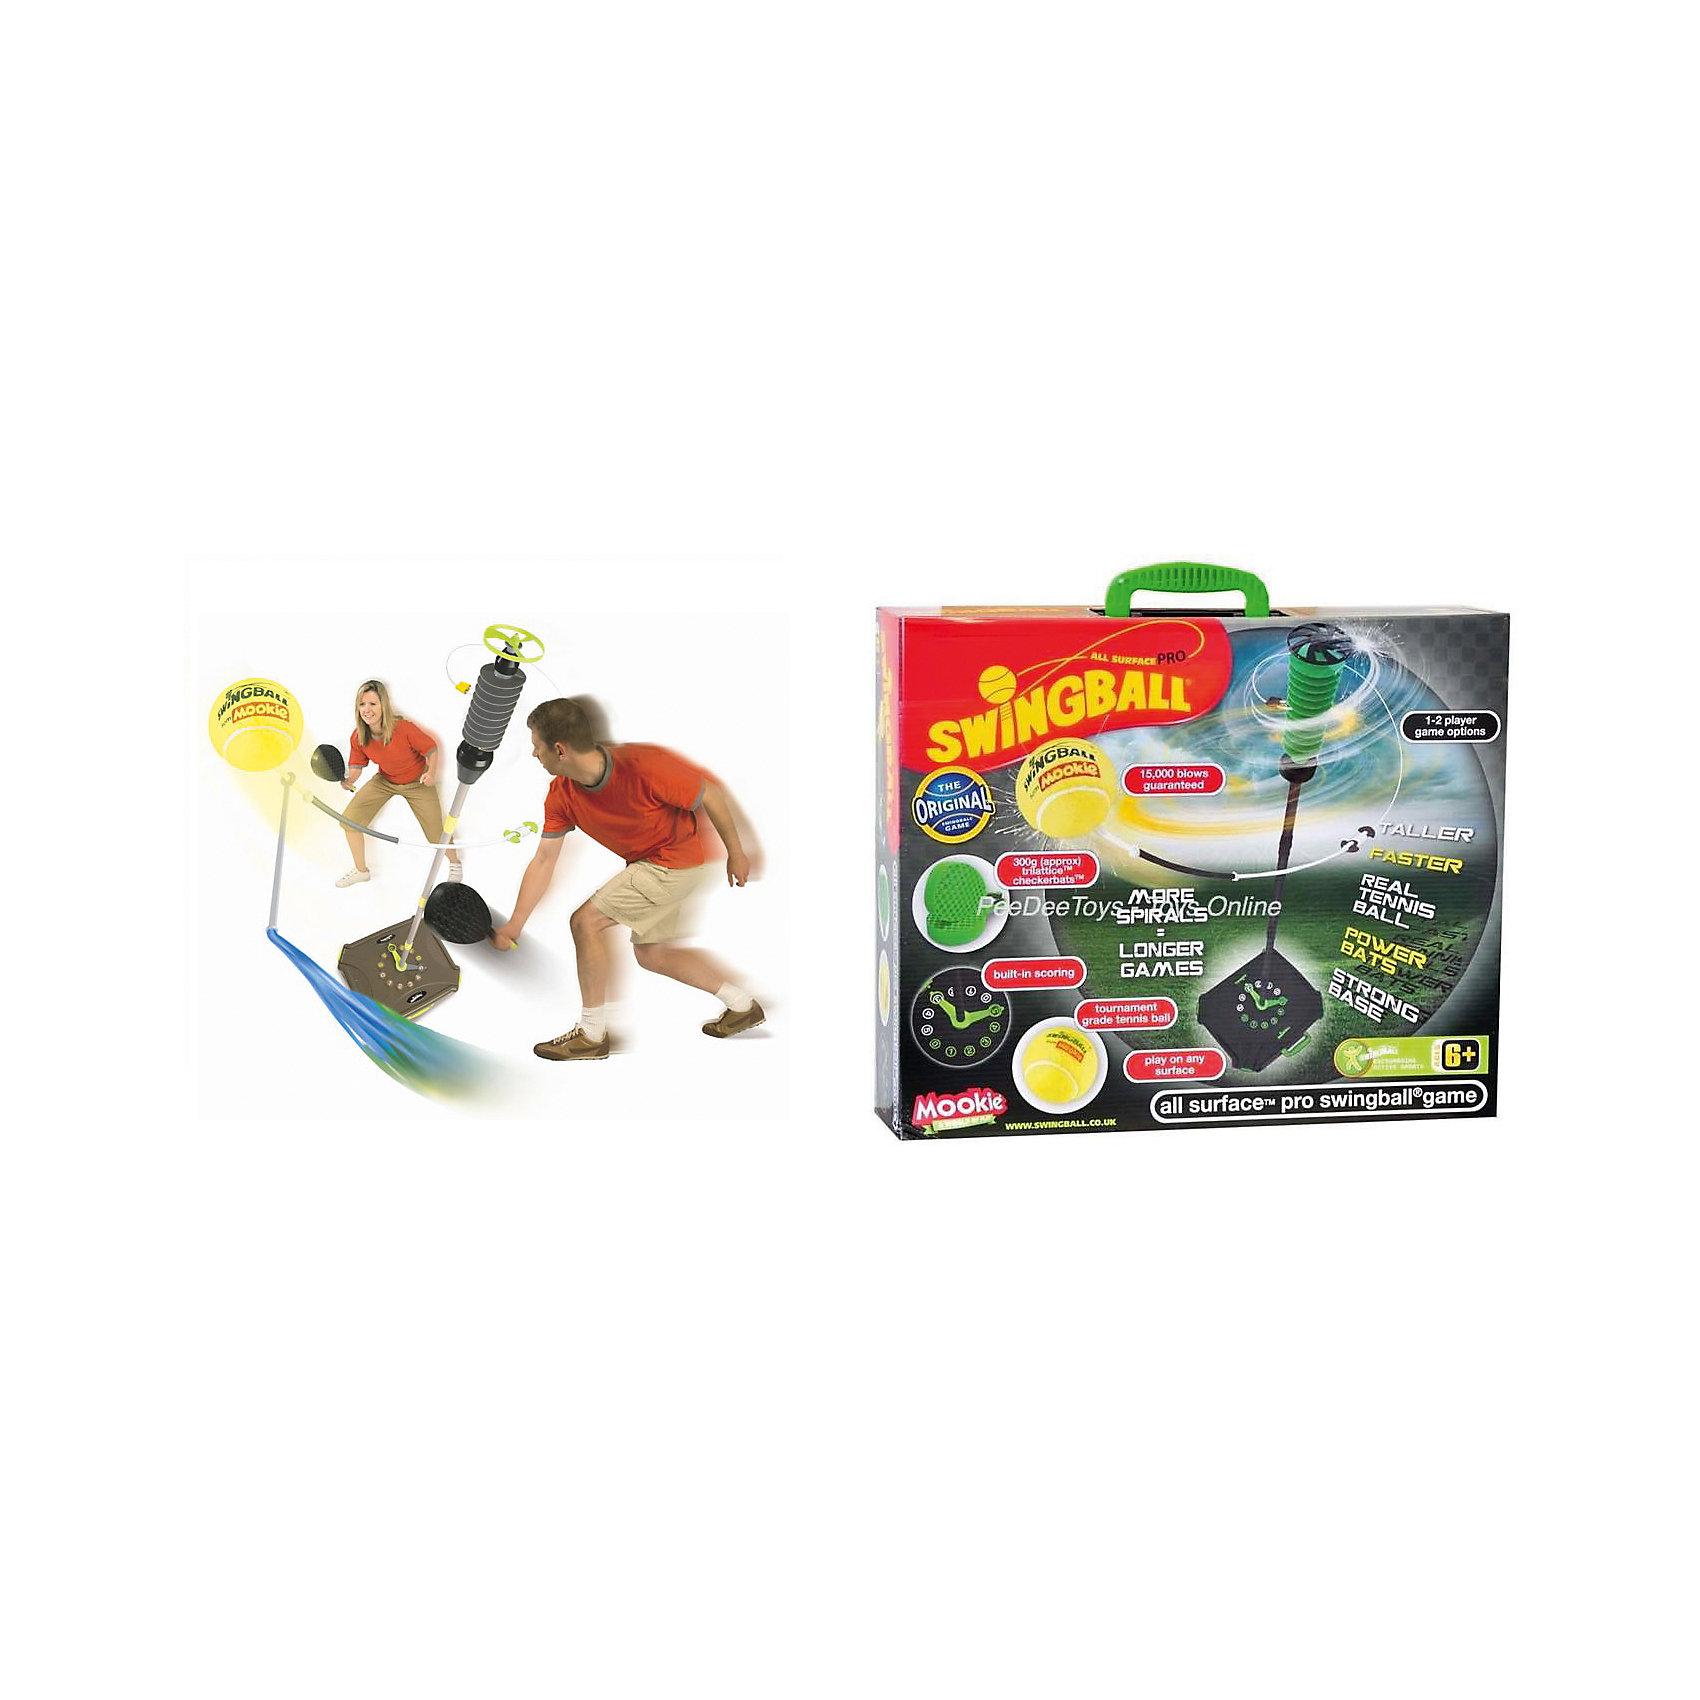 Набор Веселый теннис Pro Swingball , MookieБадминтон и теннис<br>Веселый теннис - прекрасный набор для активного отдыха. Устойчивая конструкция  с мячиком на подставке со счетоводом поможет развить скорость реакции детей. Ракетки с рельефной поверхностью, максимально удобной для игры. Удобная сумка поможет легко переносить и транспортировать набор. Хороший выбор для активных детей!<br><br>Дополнительная информация:<br>В наборе: 2 ракетки,  мячик на тросе, кейс-подставка, стойка<br>Материал: пластик<br>Размер: 13х41,5х50 см<br>Вес: 3850 грамм<br>Вы можете купить набор Веселый теннис в нашем интернет-магазине.<br><br>Ширина мм: 500<br>Глубина мм: 415<br>Высота мм: 130<br>Вес г: 3850<br>Возраст от месяцев: 36<br>Возраст до месяцев: 120<br>Пол: Унисекс<br>Возраст: Детский<br>SKU: 4953644